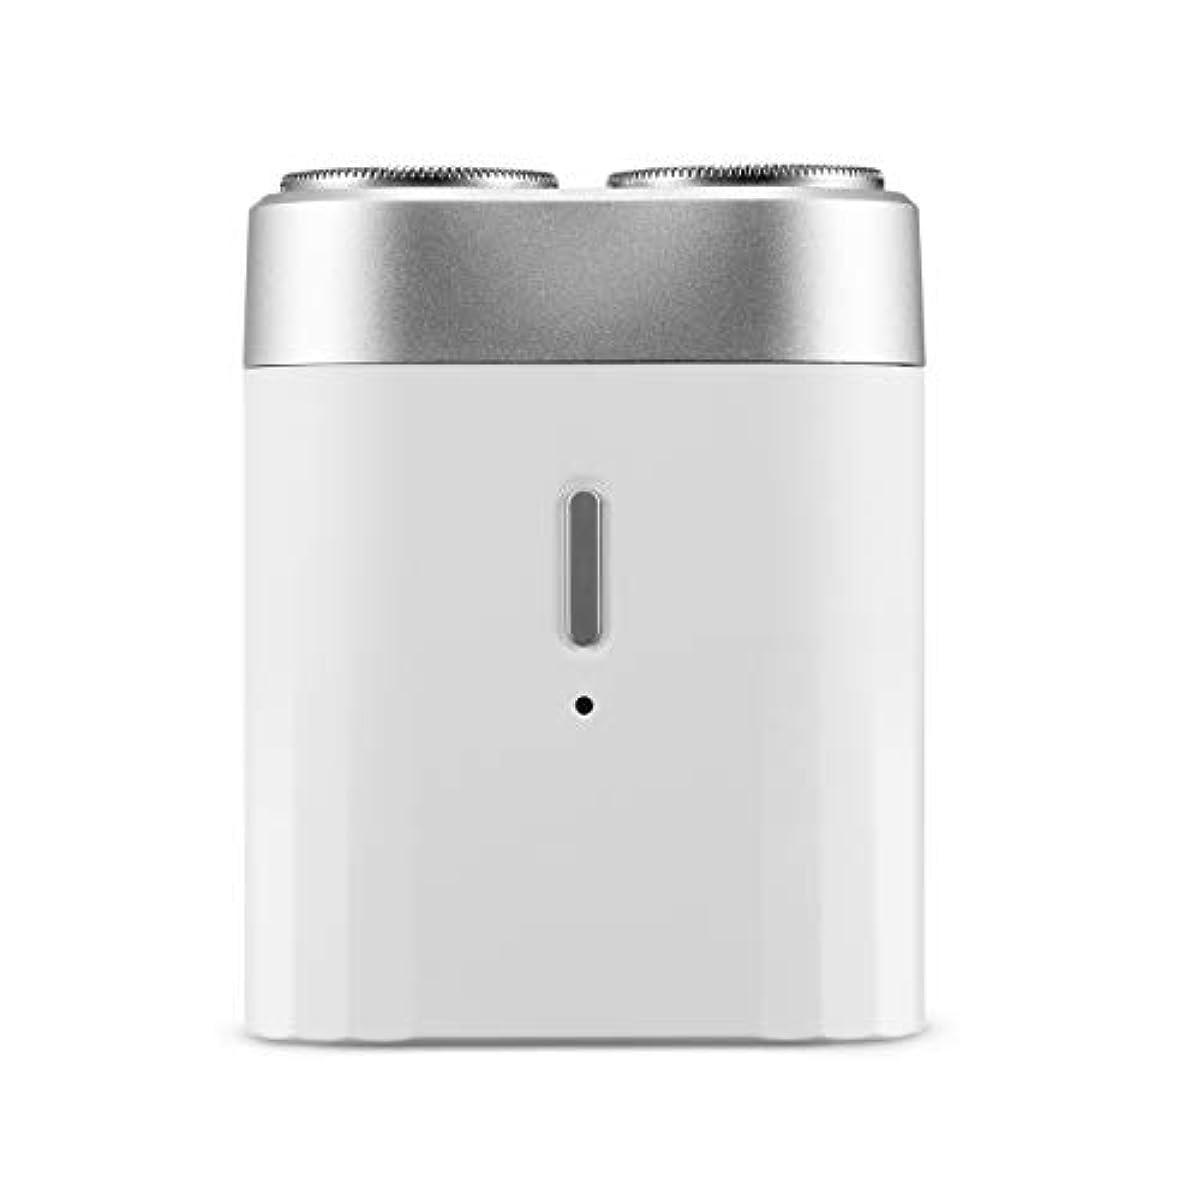 最近受け入れ固めるミニメン電気シェーバー、USBポータブルコードレスドライウェットトラベルカミソリ、ブラック